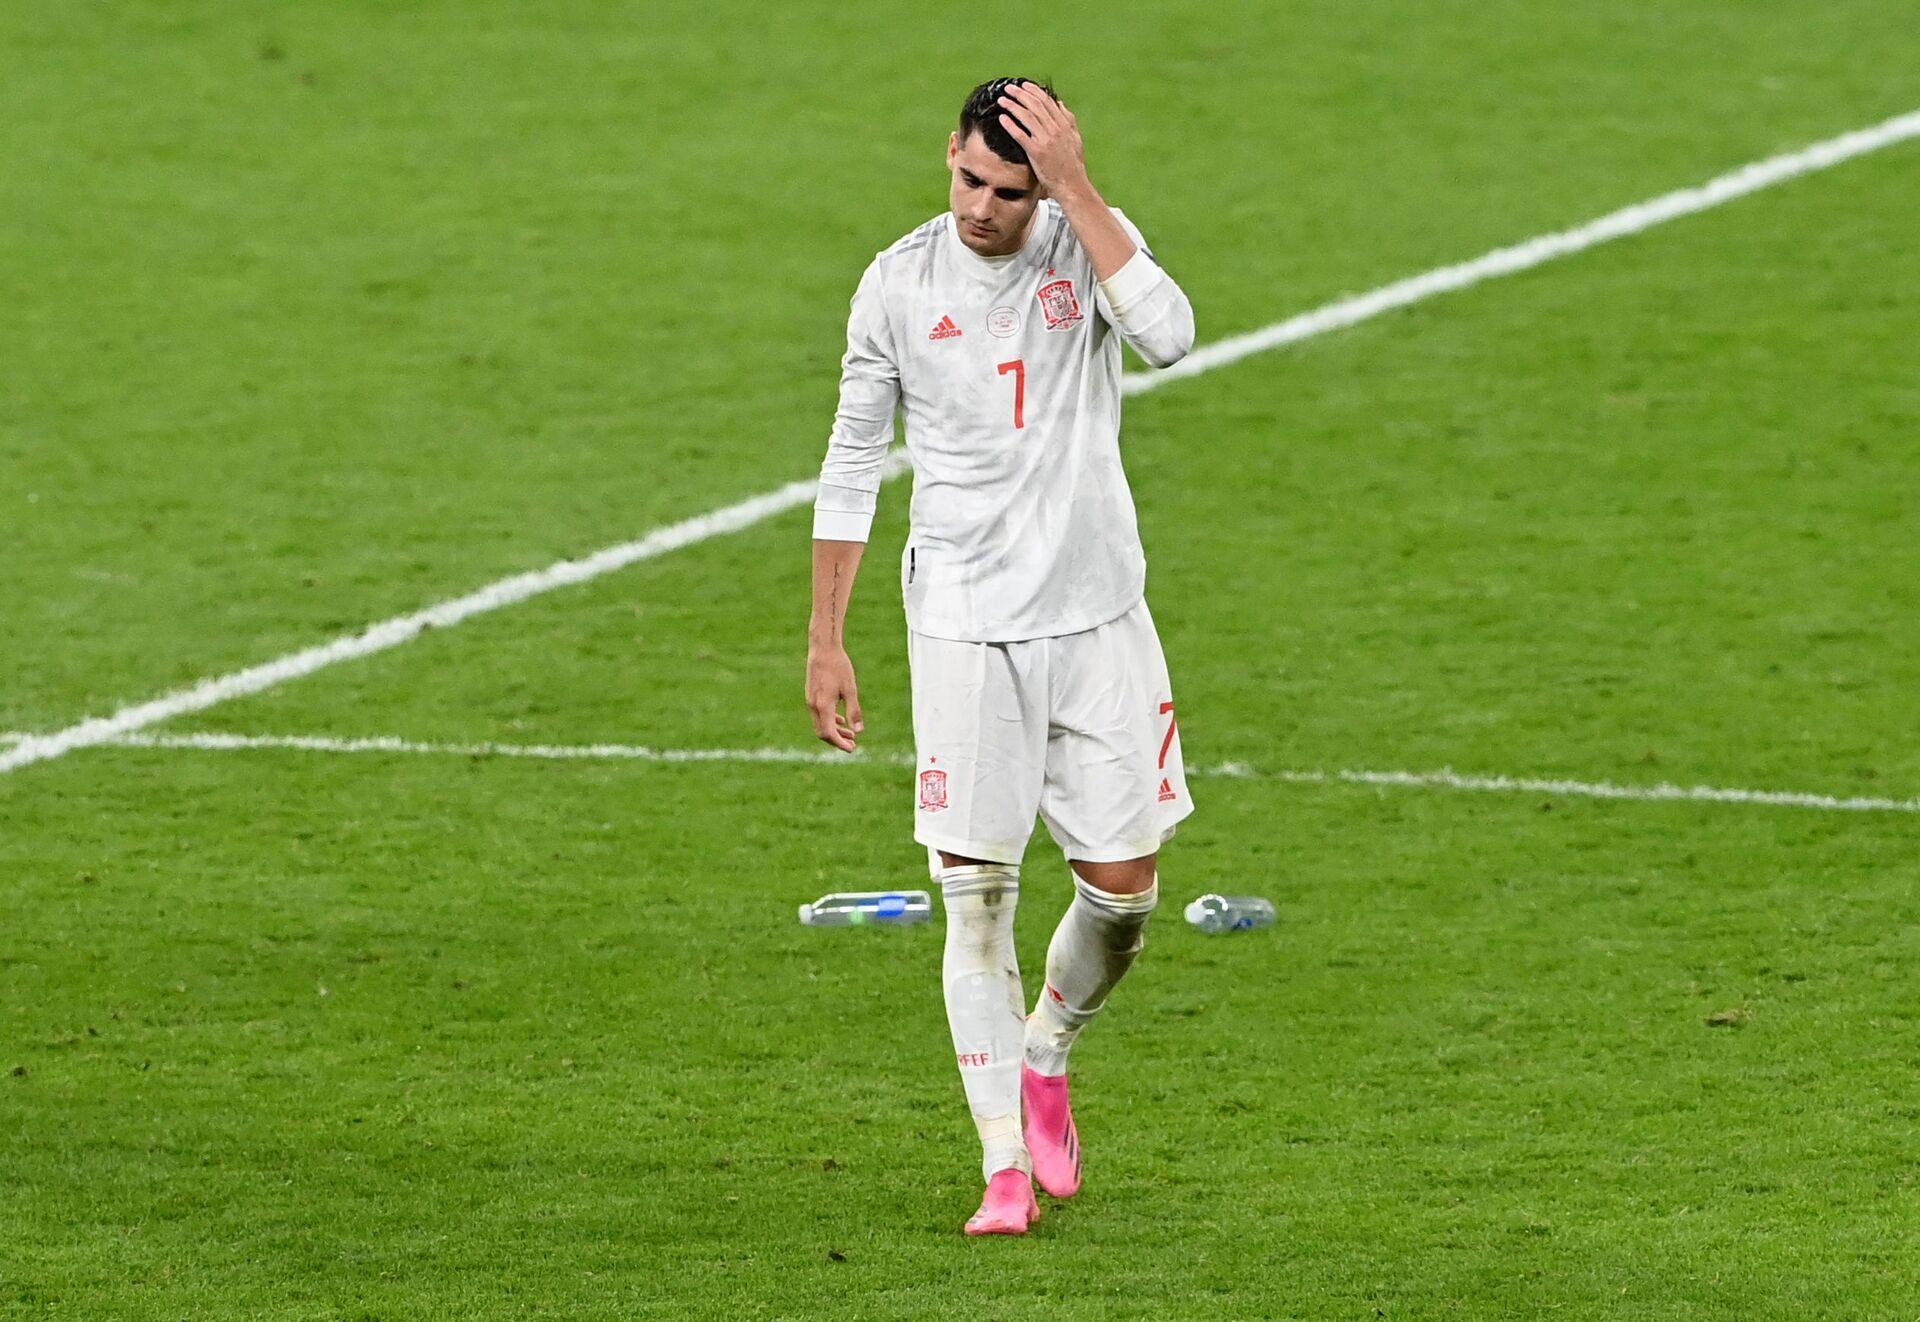 HLV Enrique đánh giá màn trình diễn của đội Tây Ban Nha tại EURO 2020 - Sputnik Việt Nam, 1920, 07.07.2021